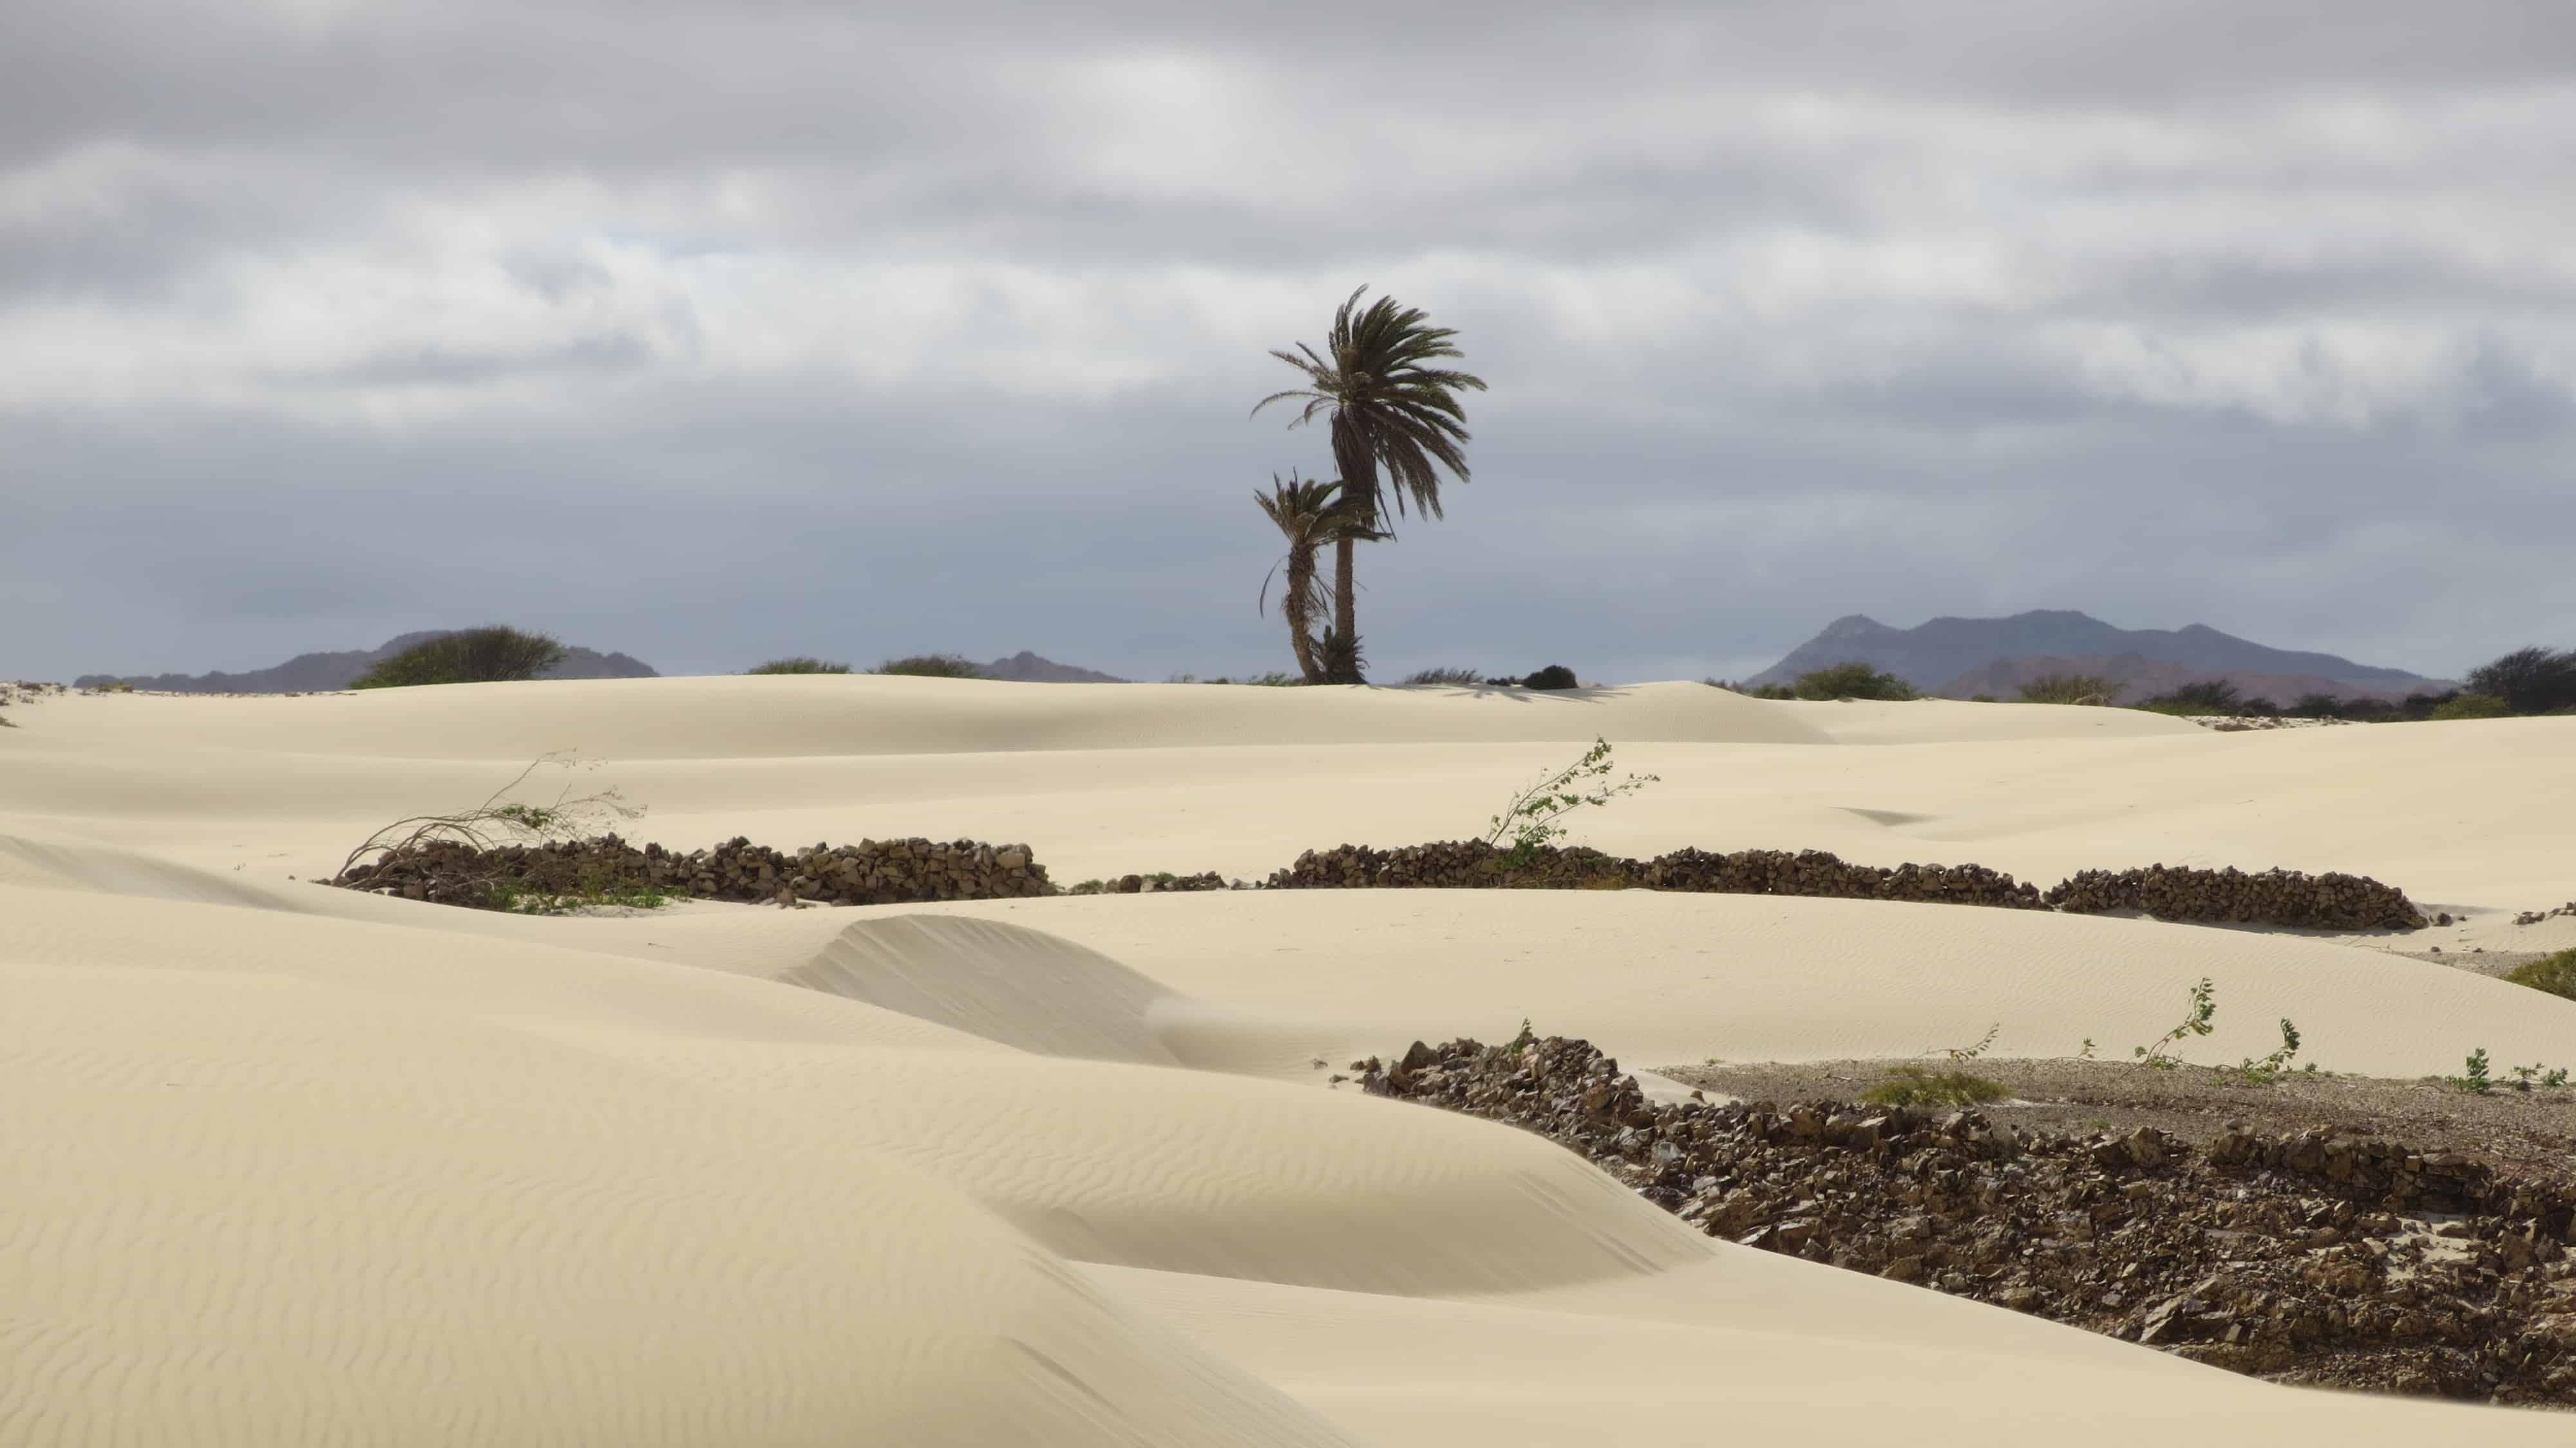 00_Palme-Wueste-Deserto-de-Viana-Boa-Vista-Cabo-Verde-Kapverden